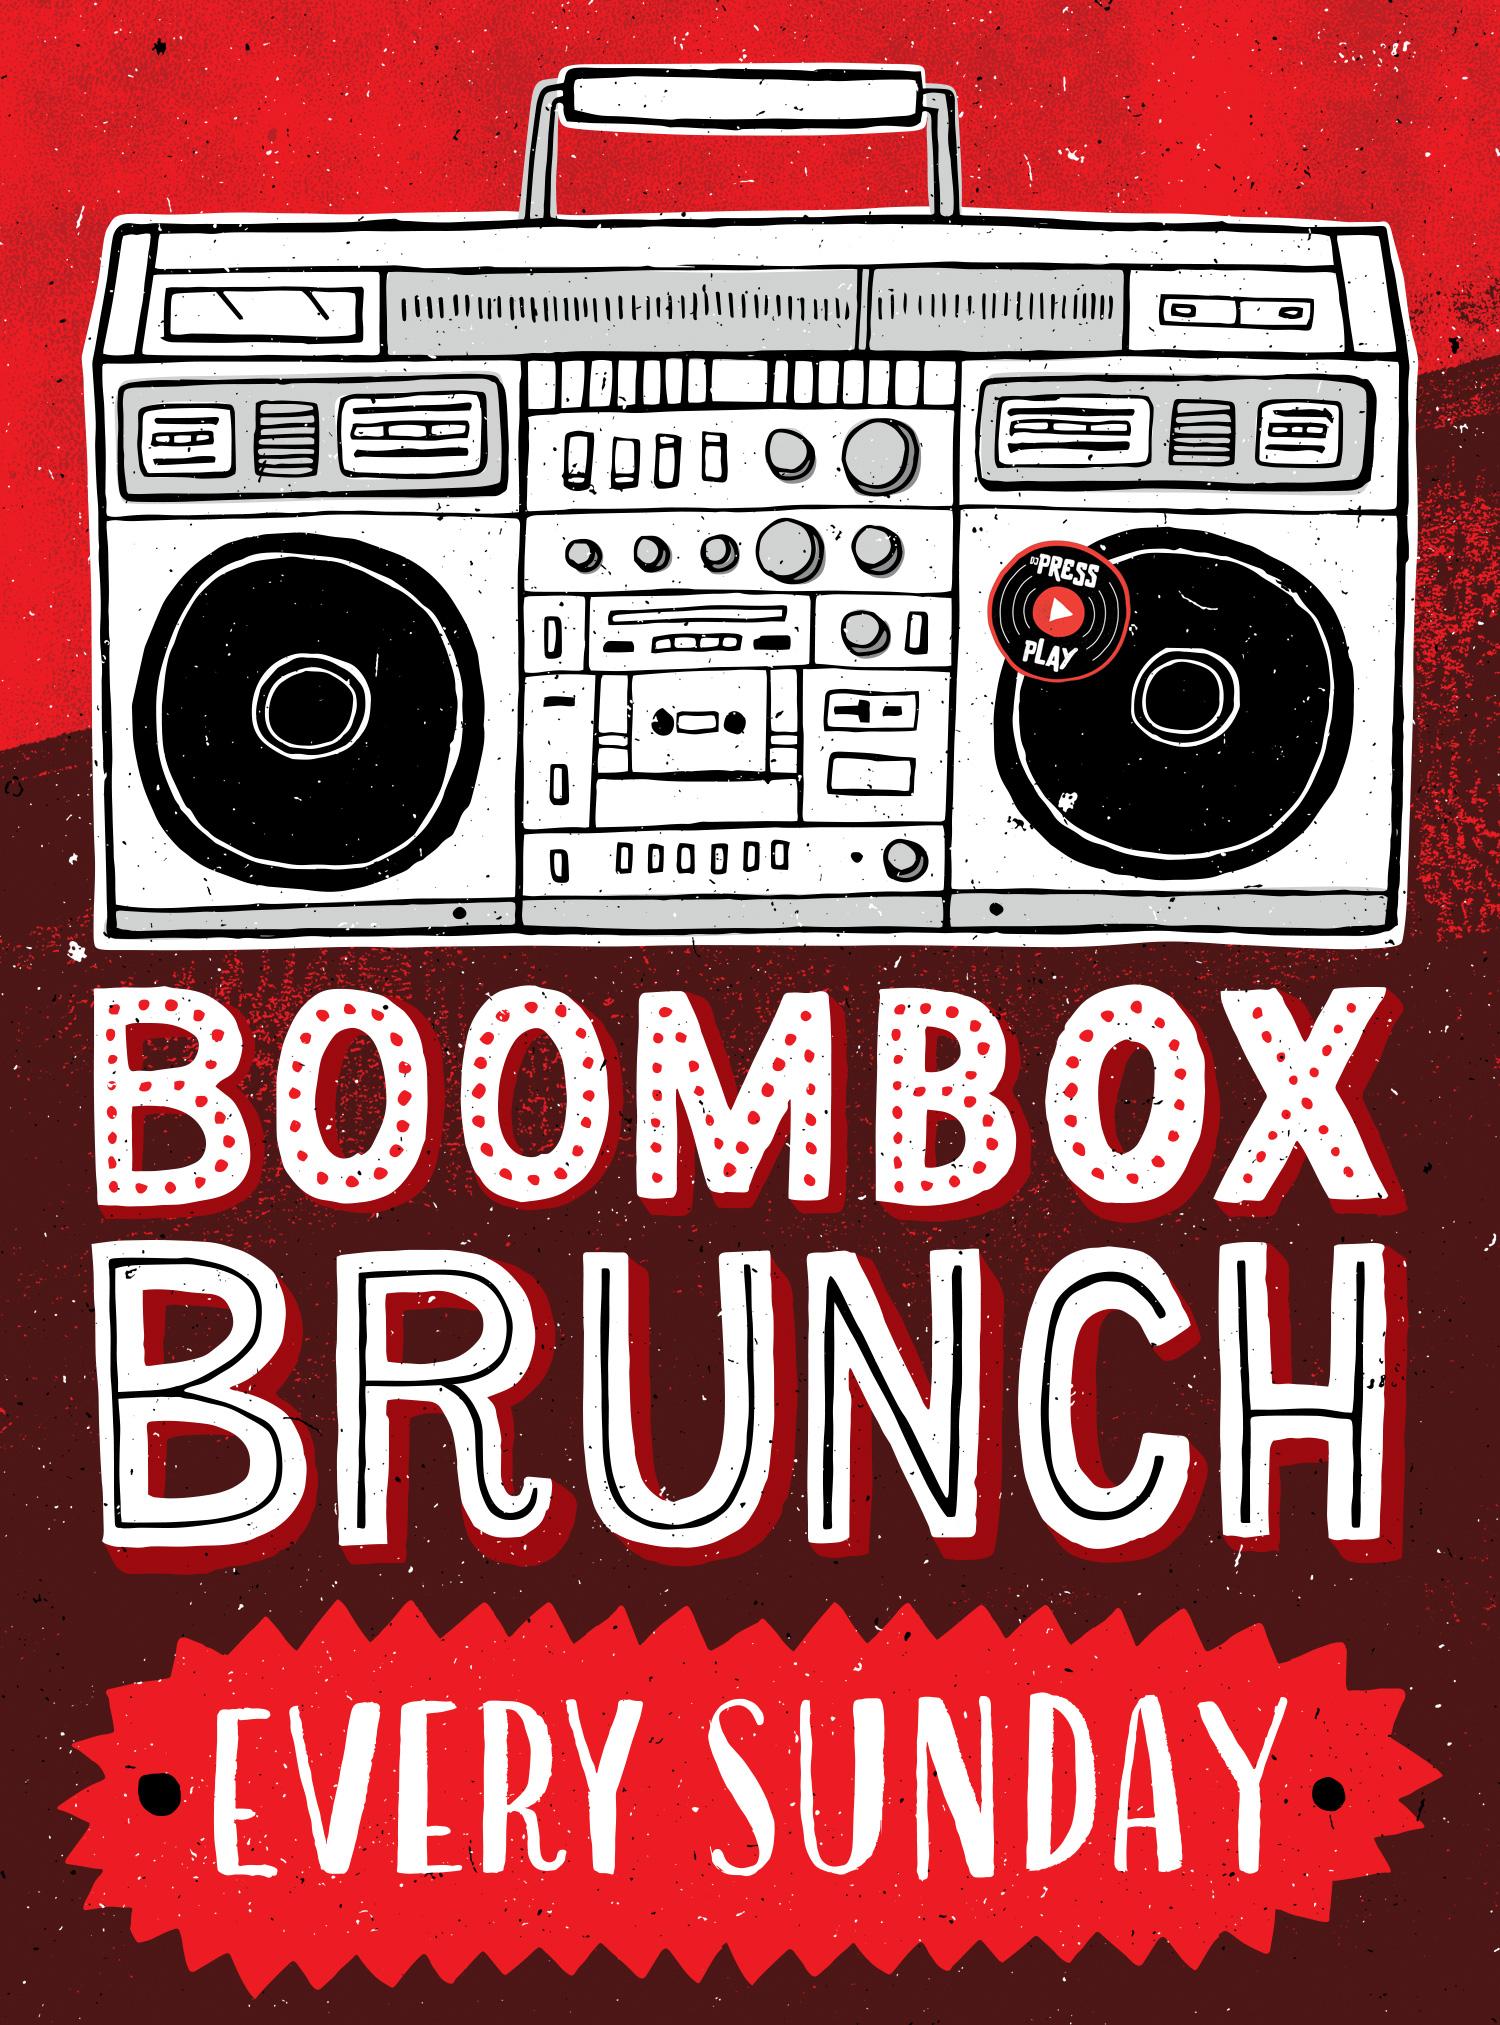 boombox_brunch.jpg